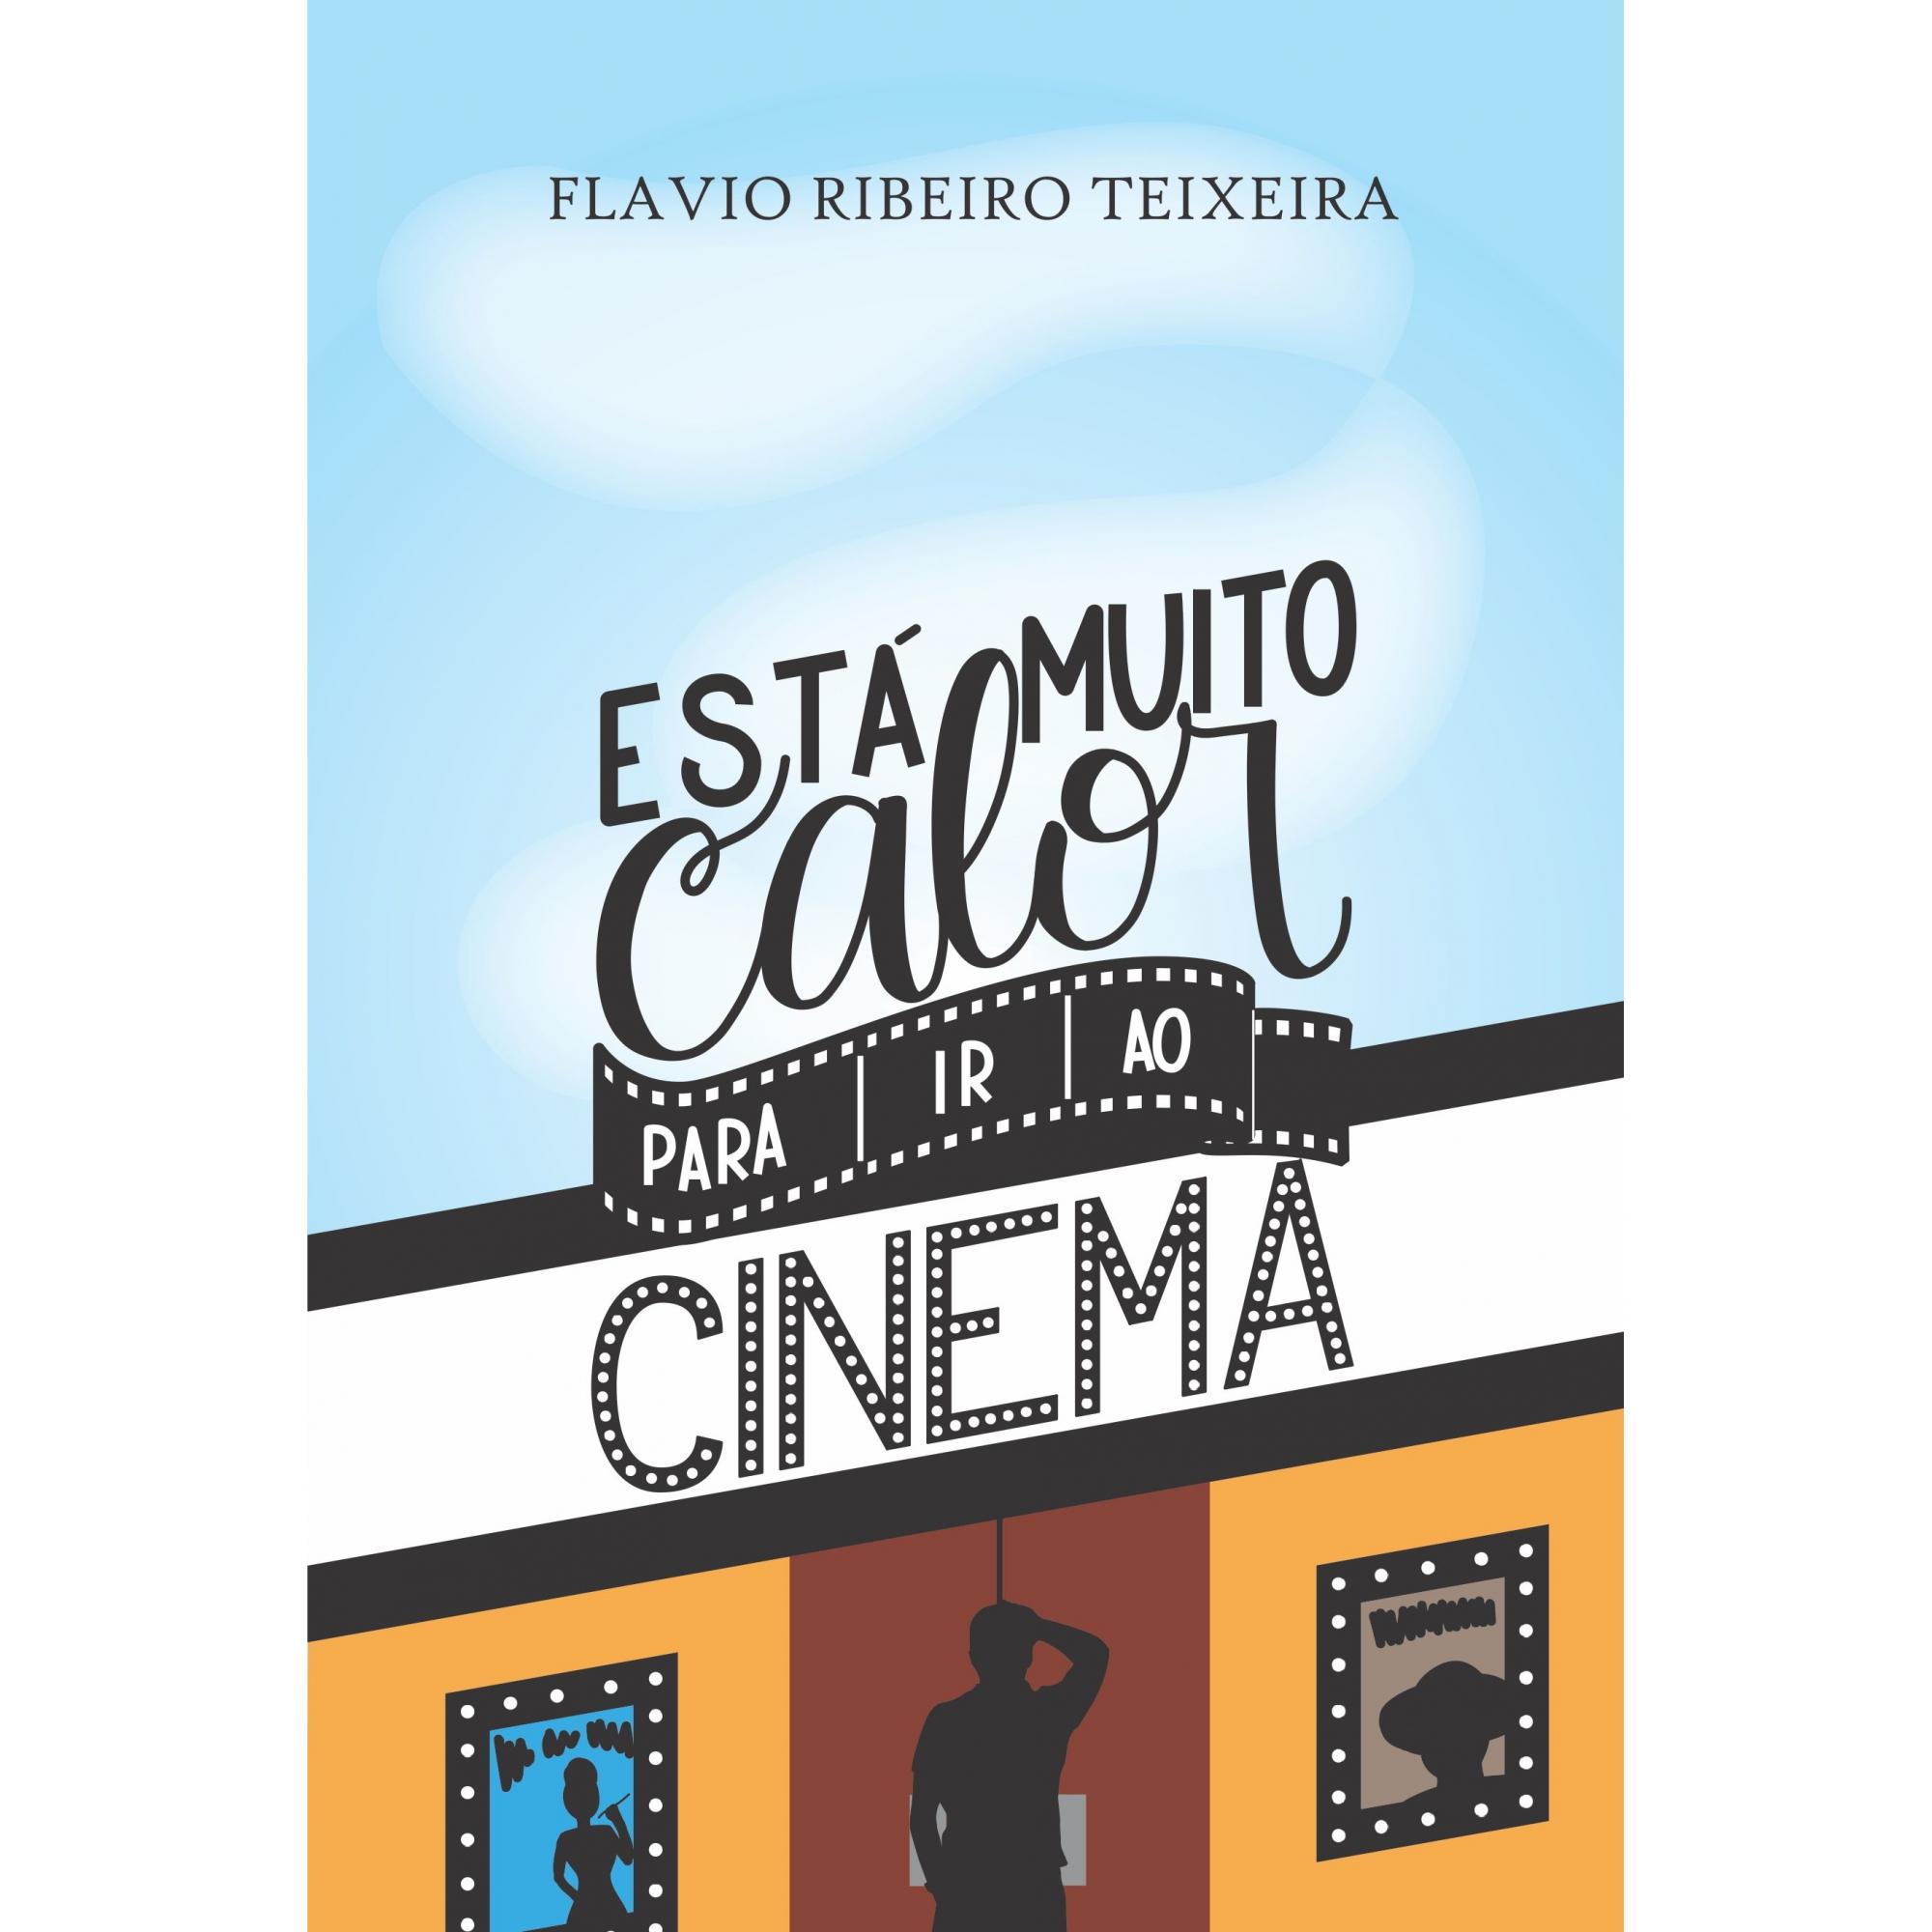 LIVRO ESTÁ MUITO CALOR PARA IR AO CINEMA